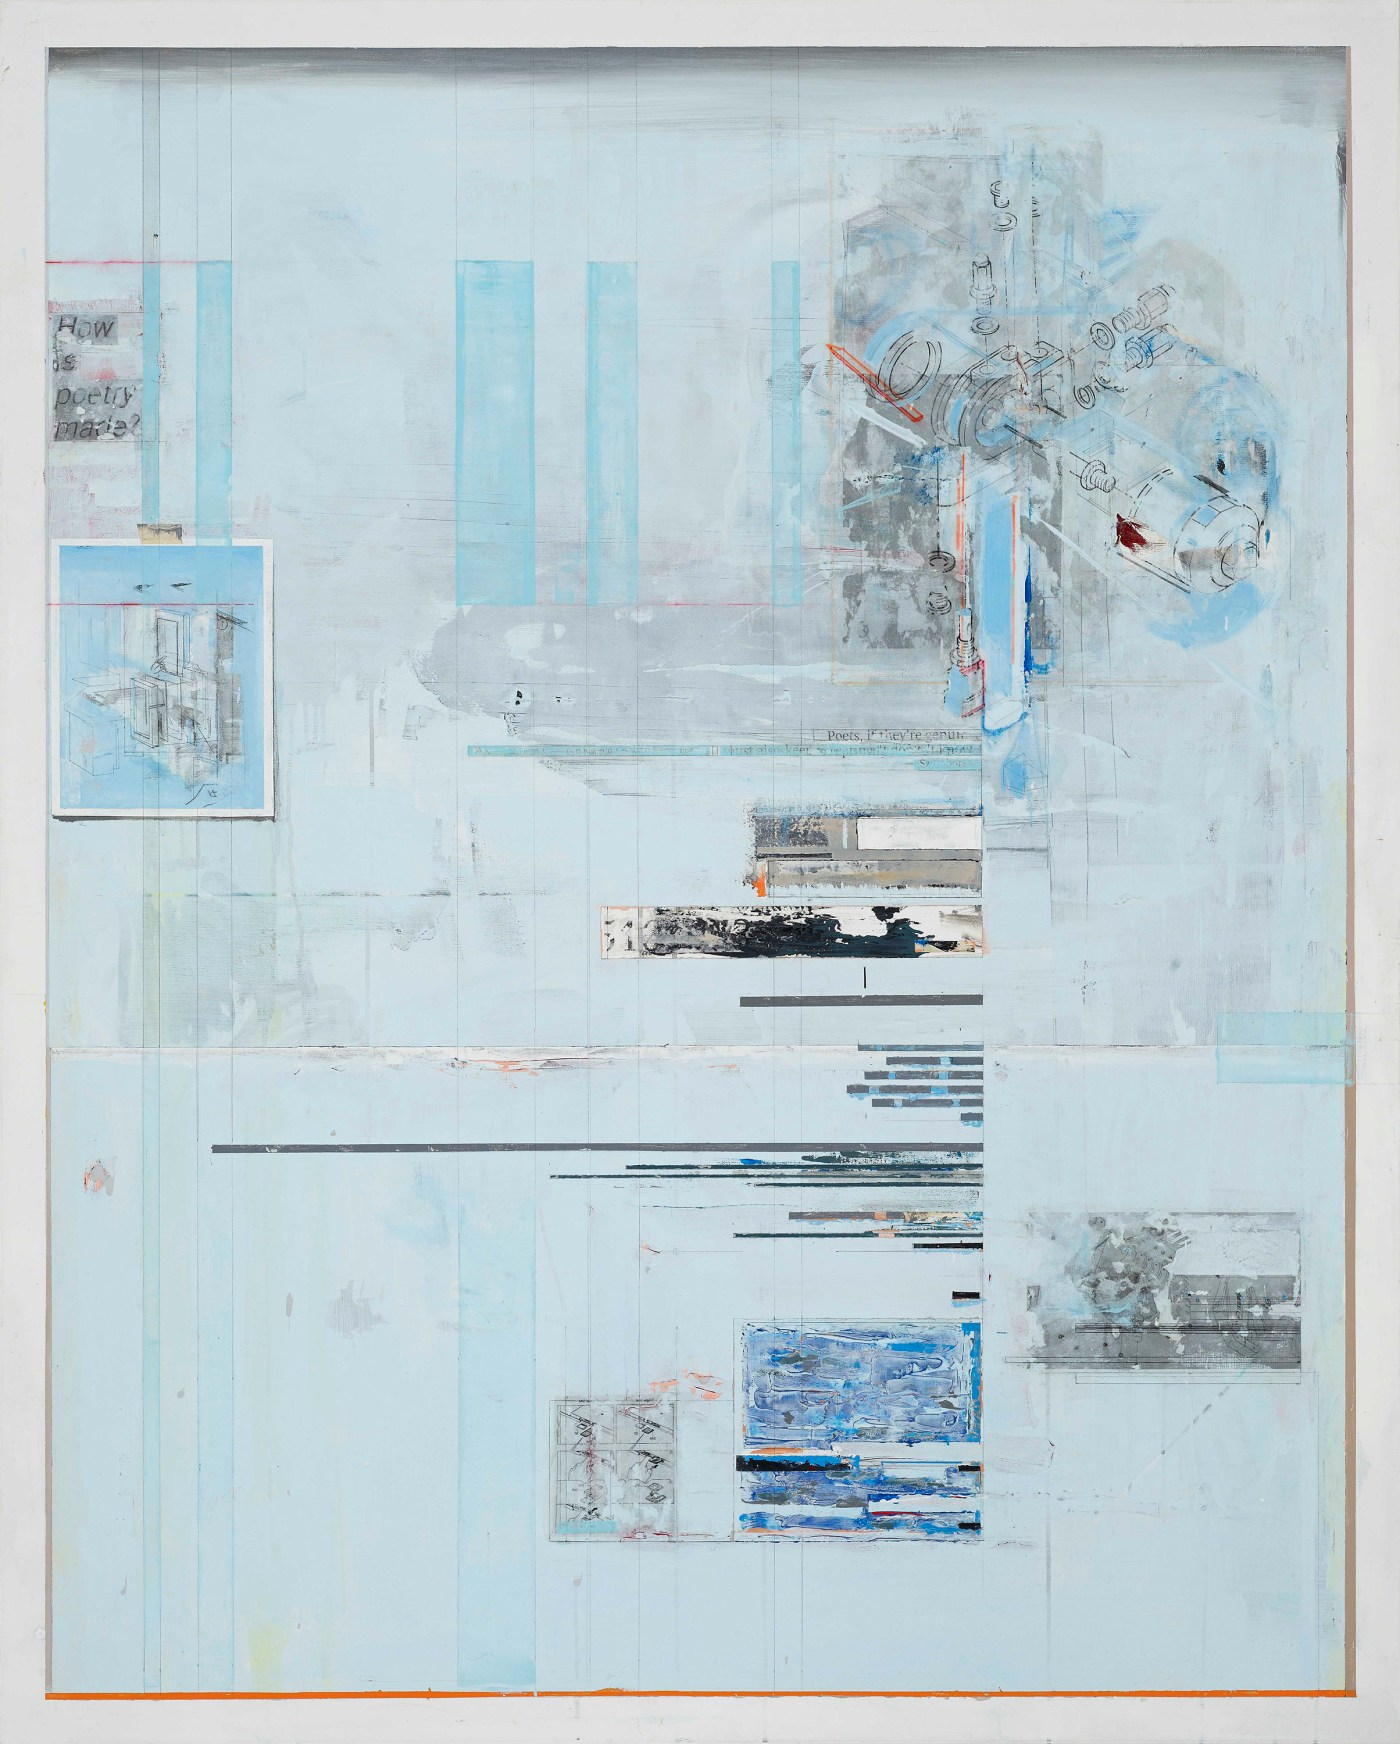 3. 陳建榮 CHEN Chien-Jung, Aircraft 21, 2017, 壓克力顏料、綜合媒材、畫布, acrylic, mixed media on canvas, 162x130x3cm.jpg